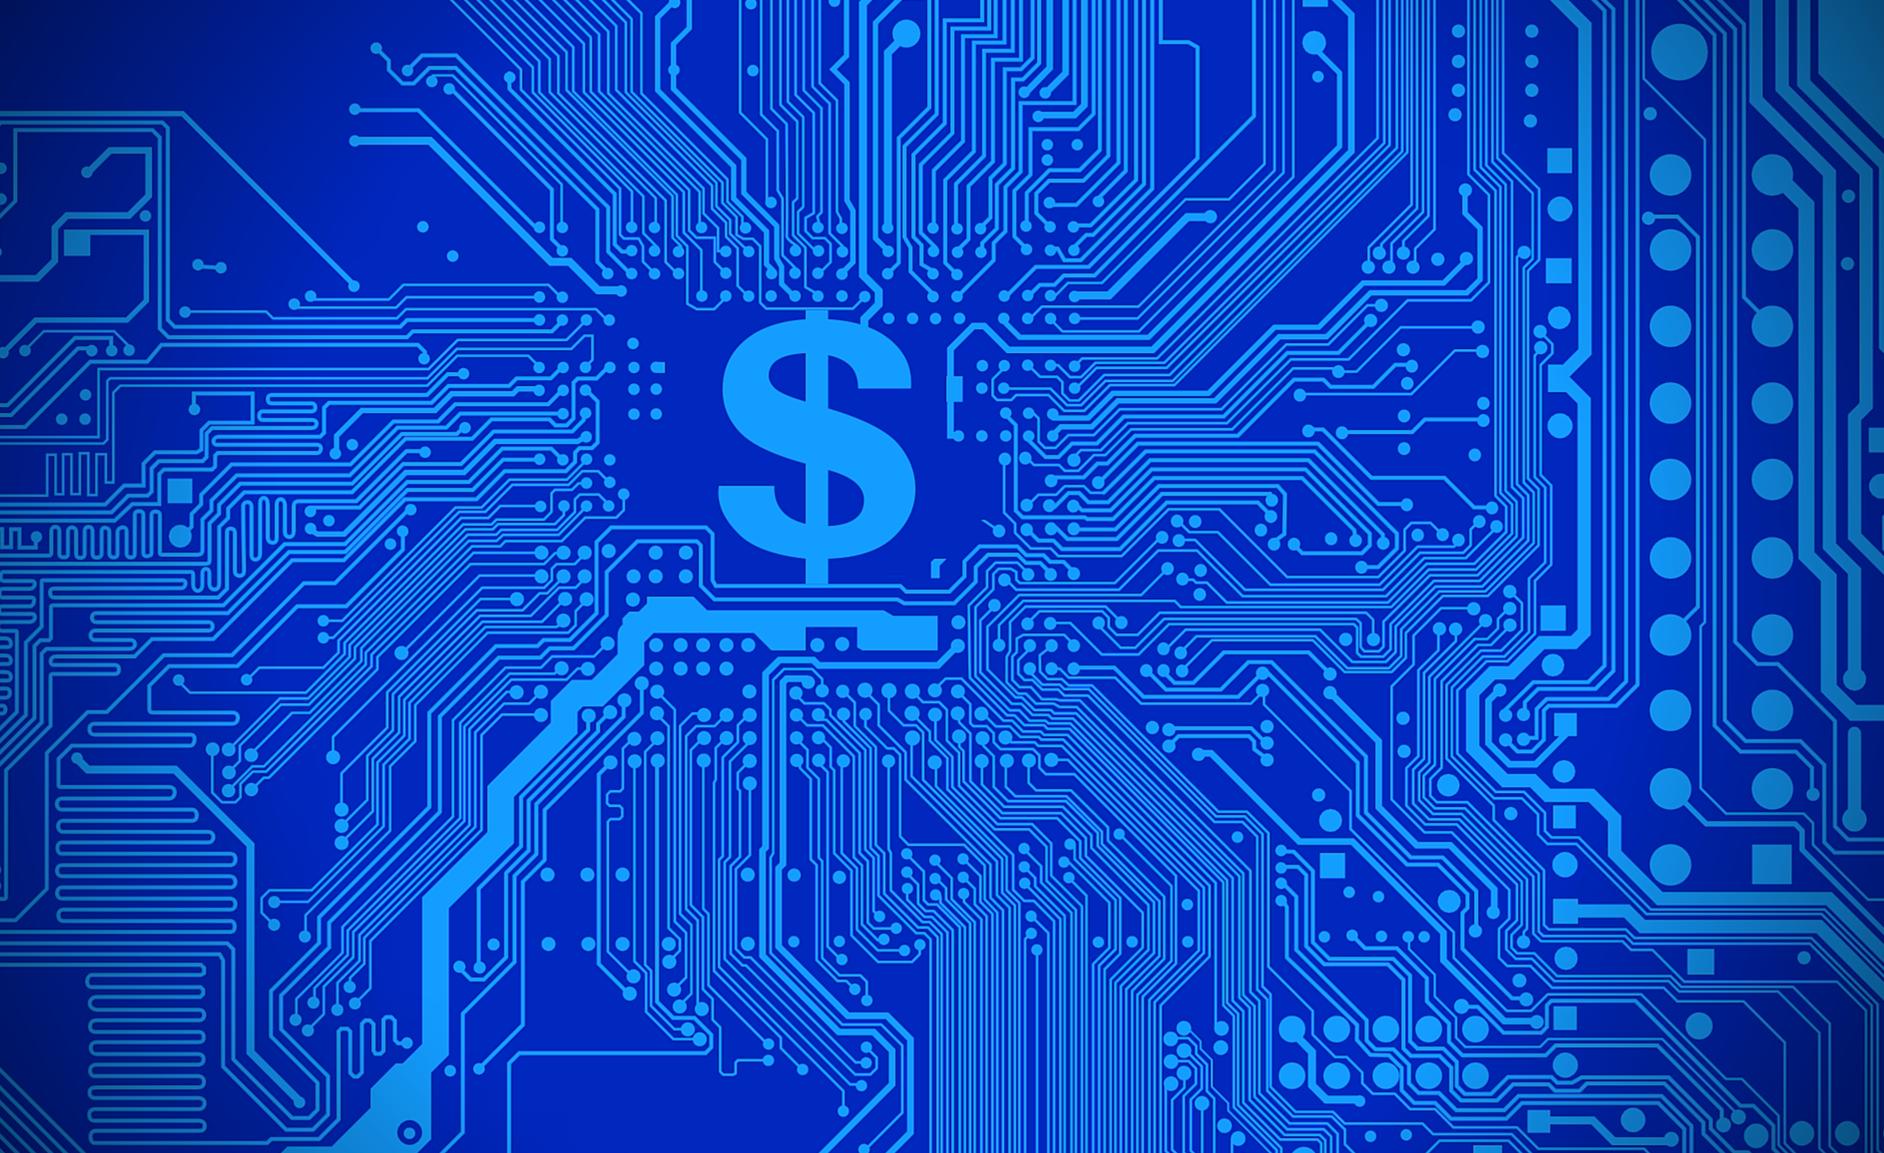 深入环球OTC架构 解析区块链通证经济时代